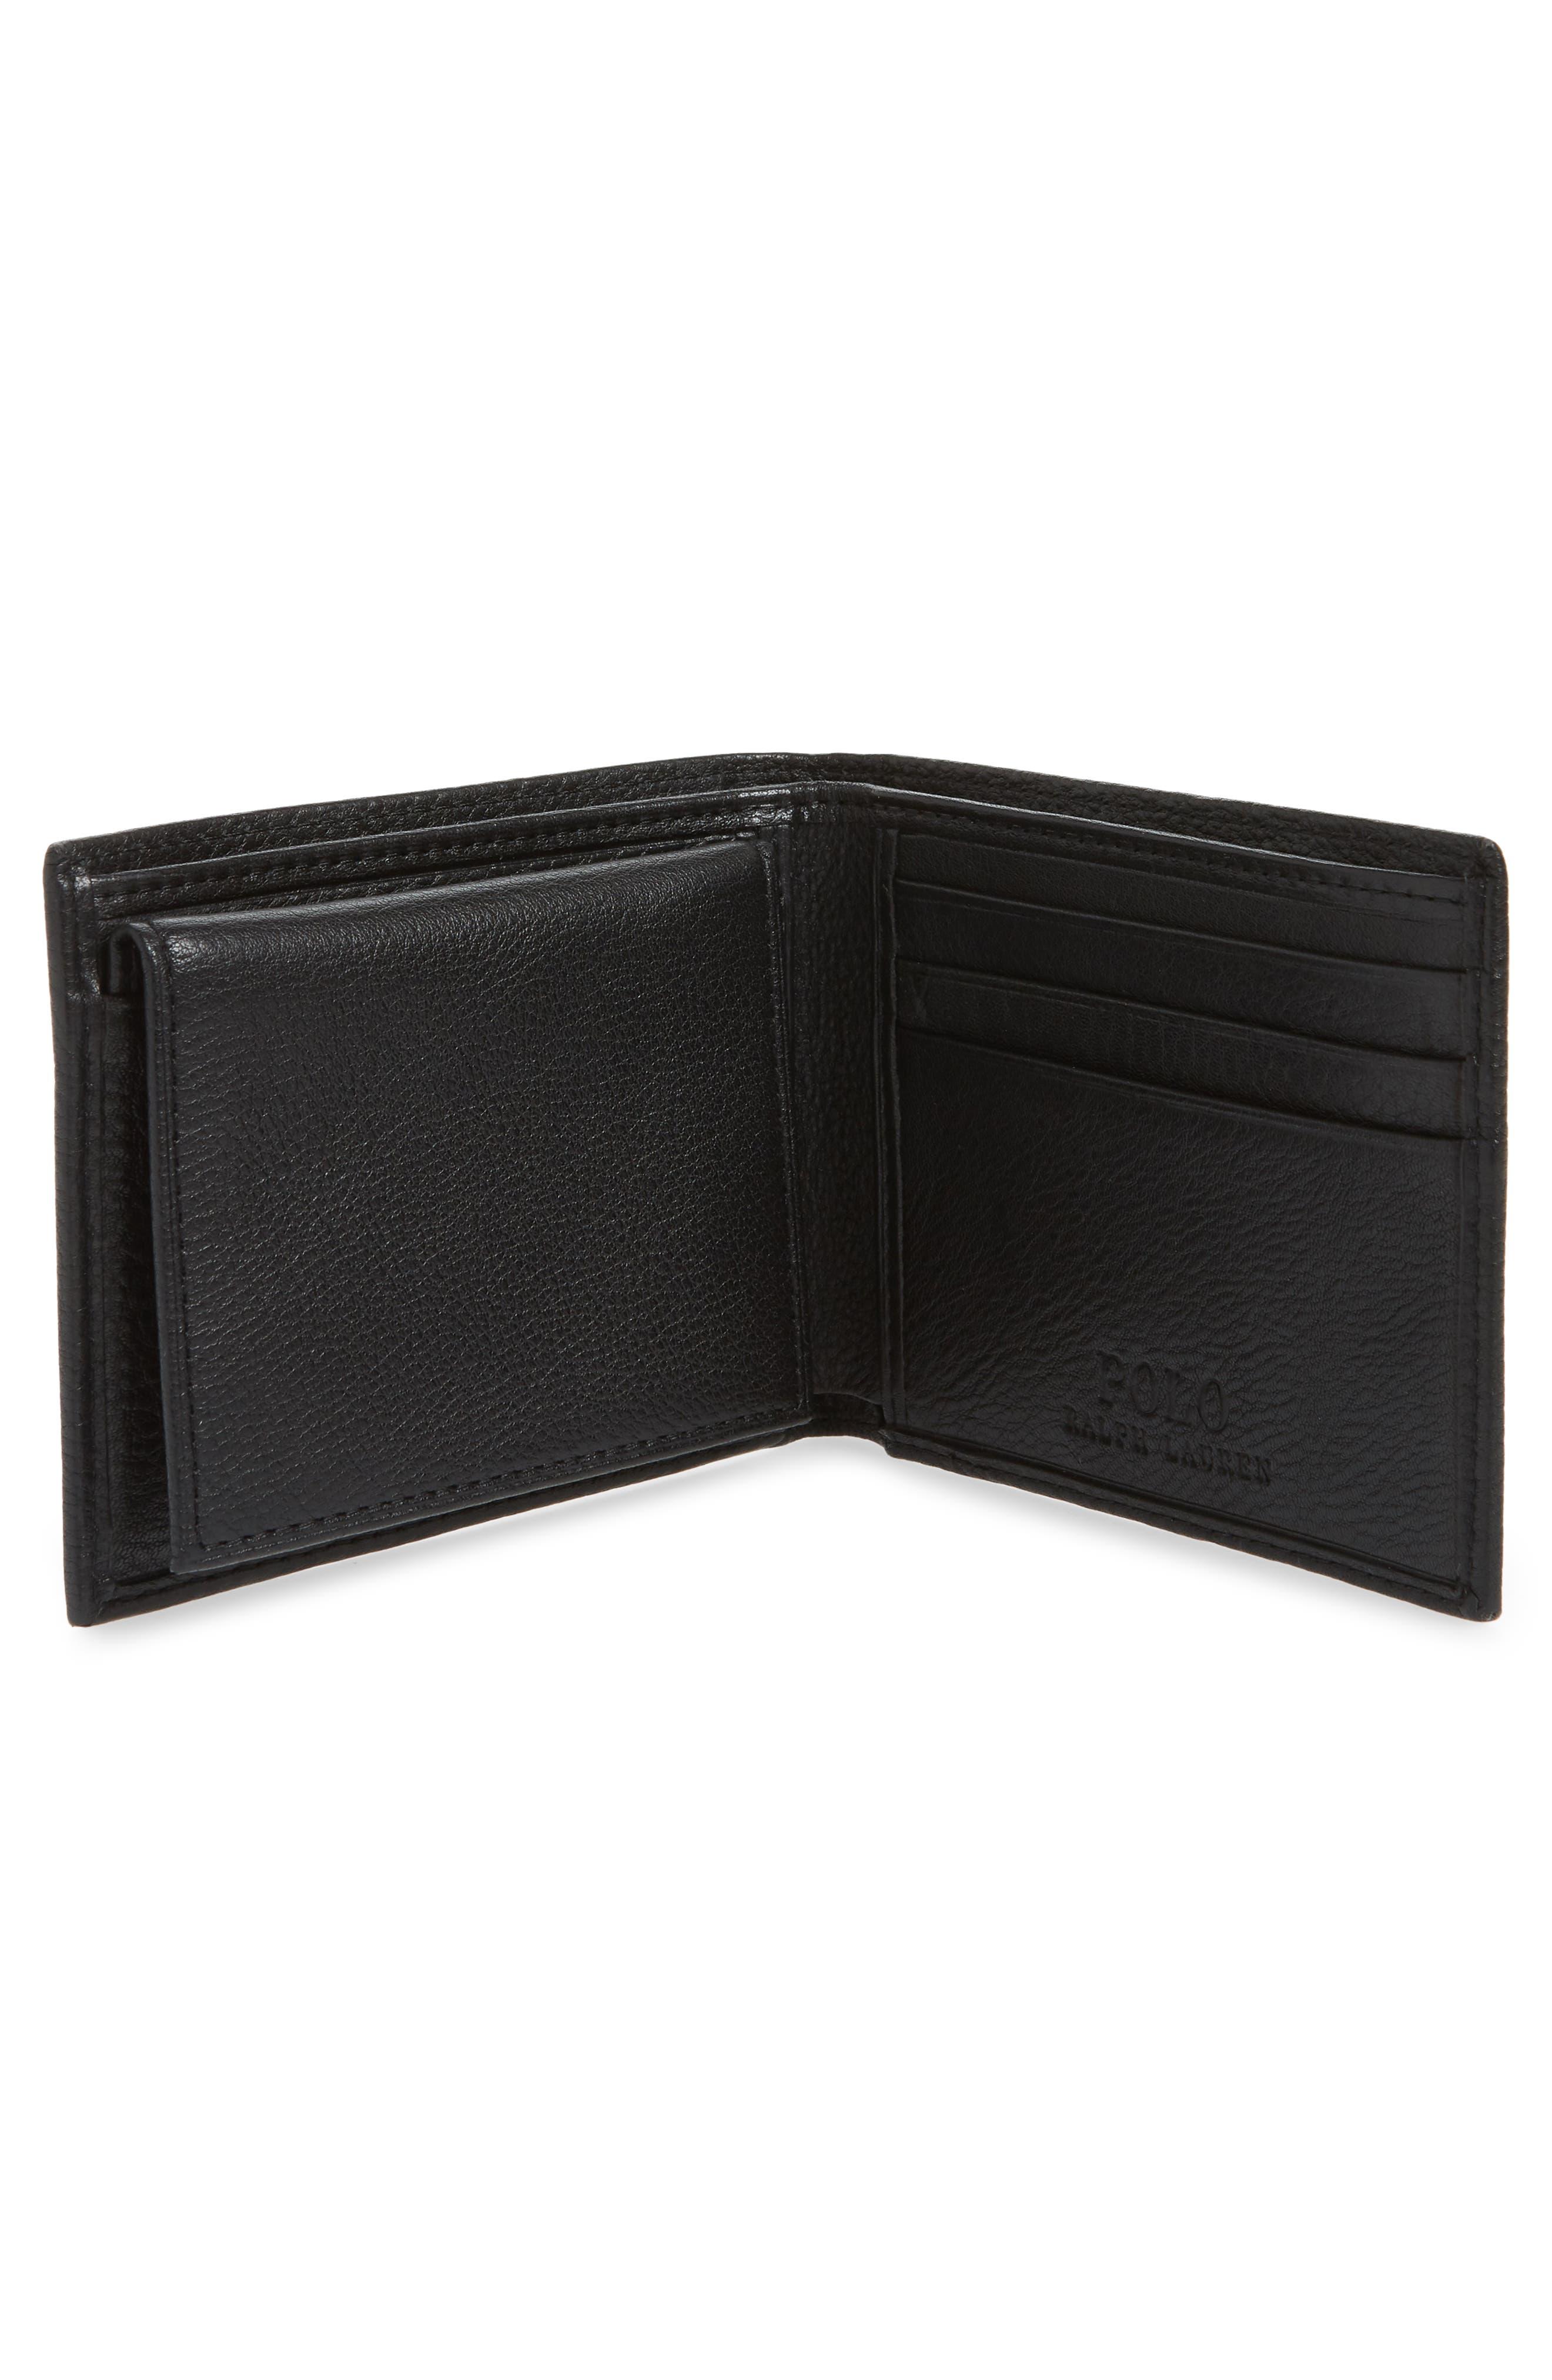 POLO RALPH LAUREN, Leather Passcase Wallet, Alternate thumbnail 2, color, BLACK